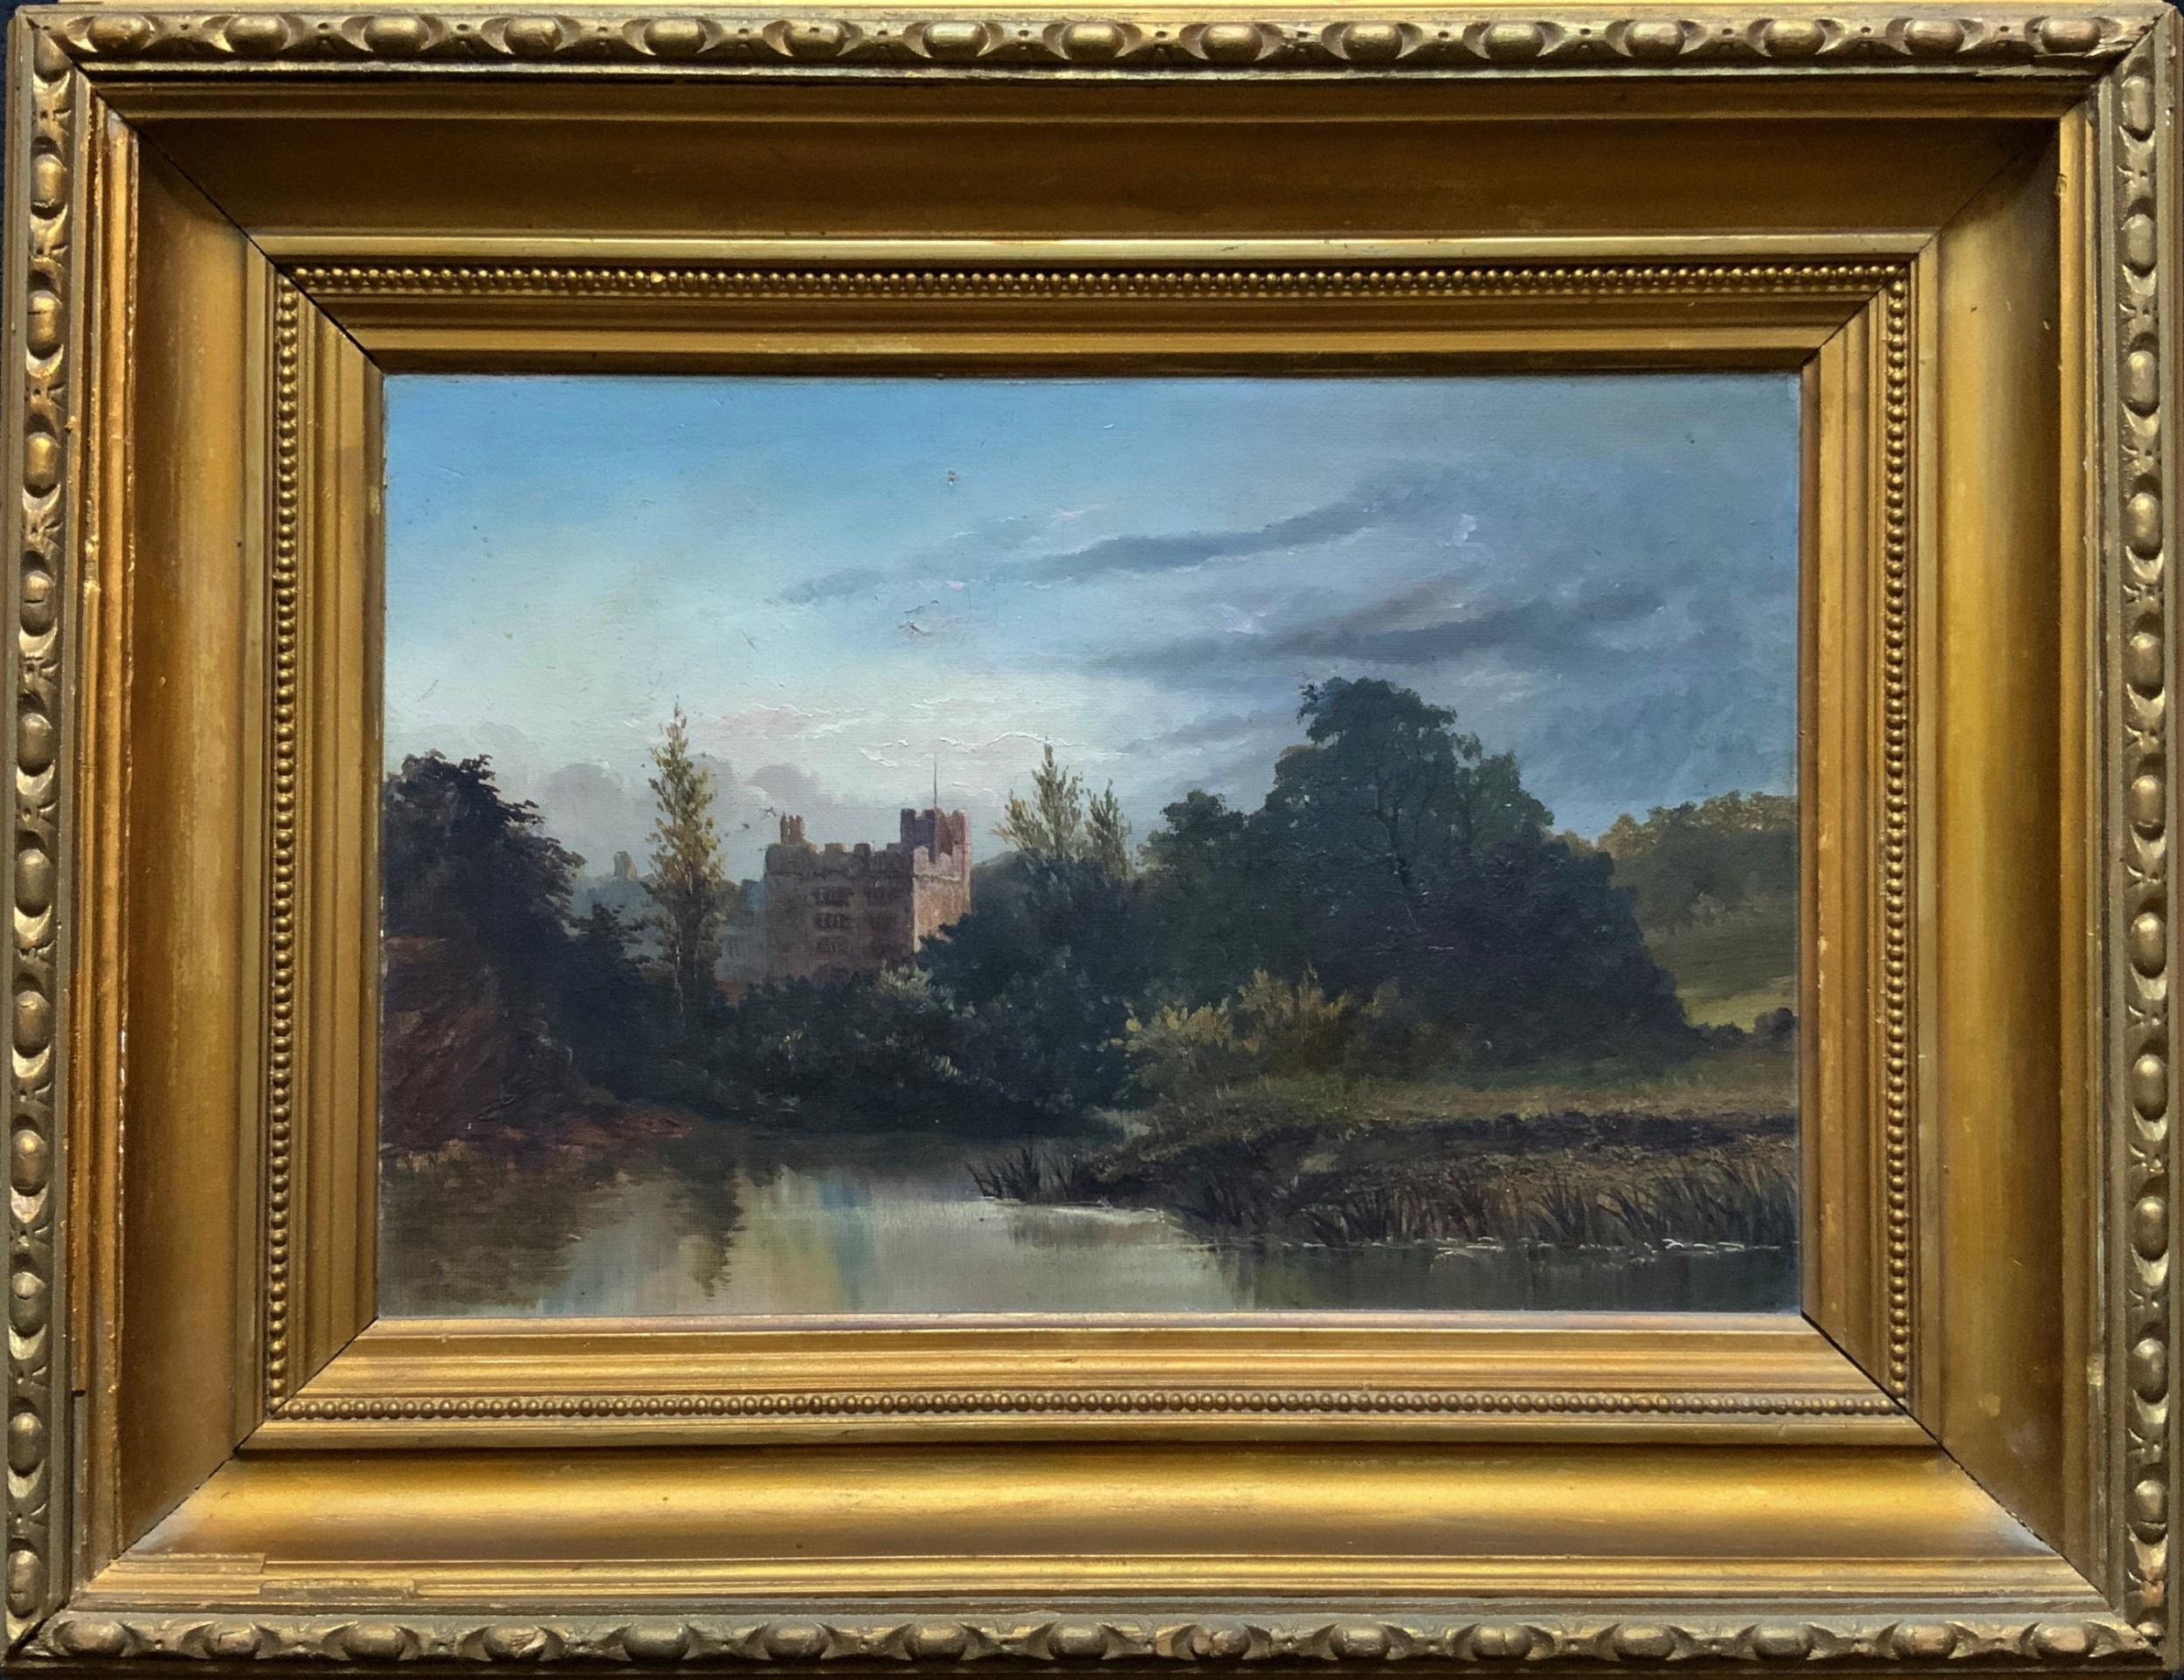 a lovely original mid19thc antique british castle river landscape oil painting